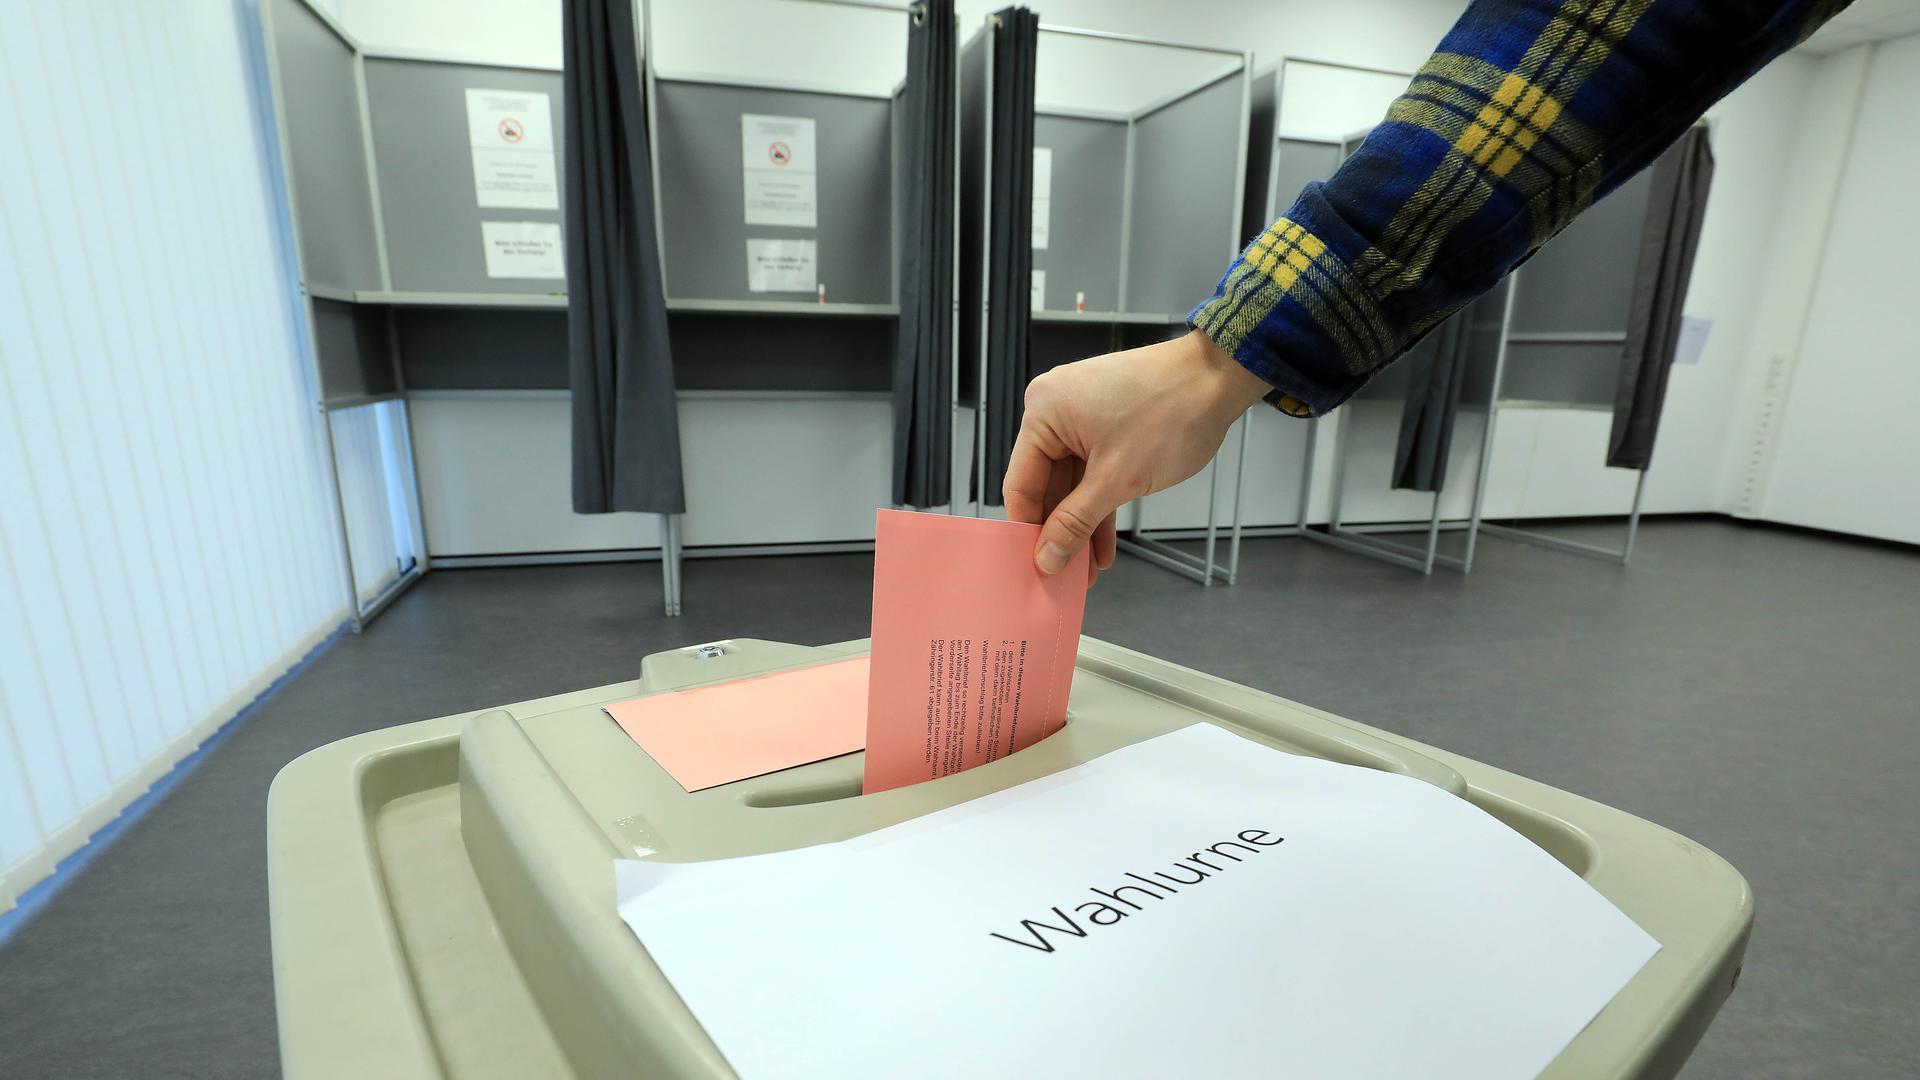 Jede Stimme zählt: Am Nikolaustag ist in Karlsruher OB-Wahl. Die Kandidaten präsentieren sich im Endspurt gerne auch auf Facebook und Instagram.